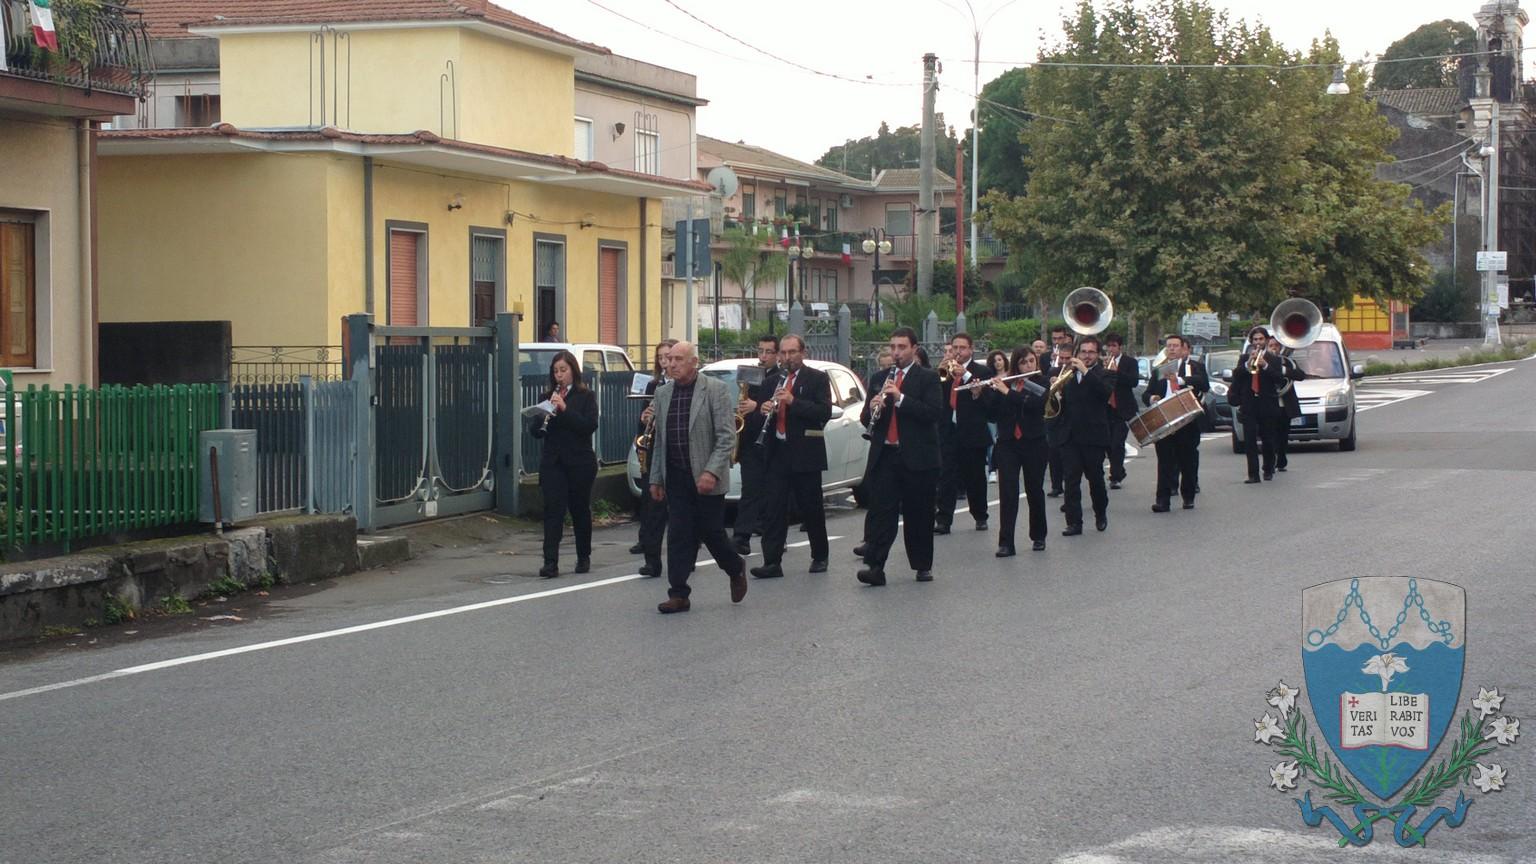 La banda fa il suo ingresso nel paese inaugurando lo spirito festoso della giornata.